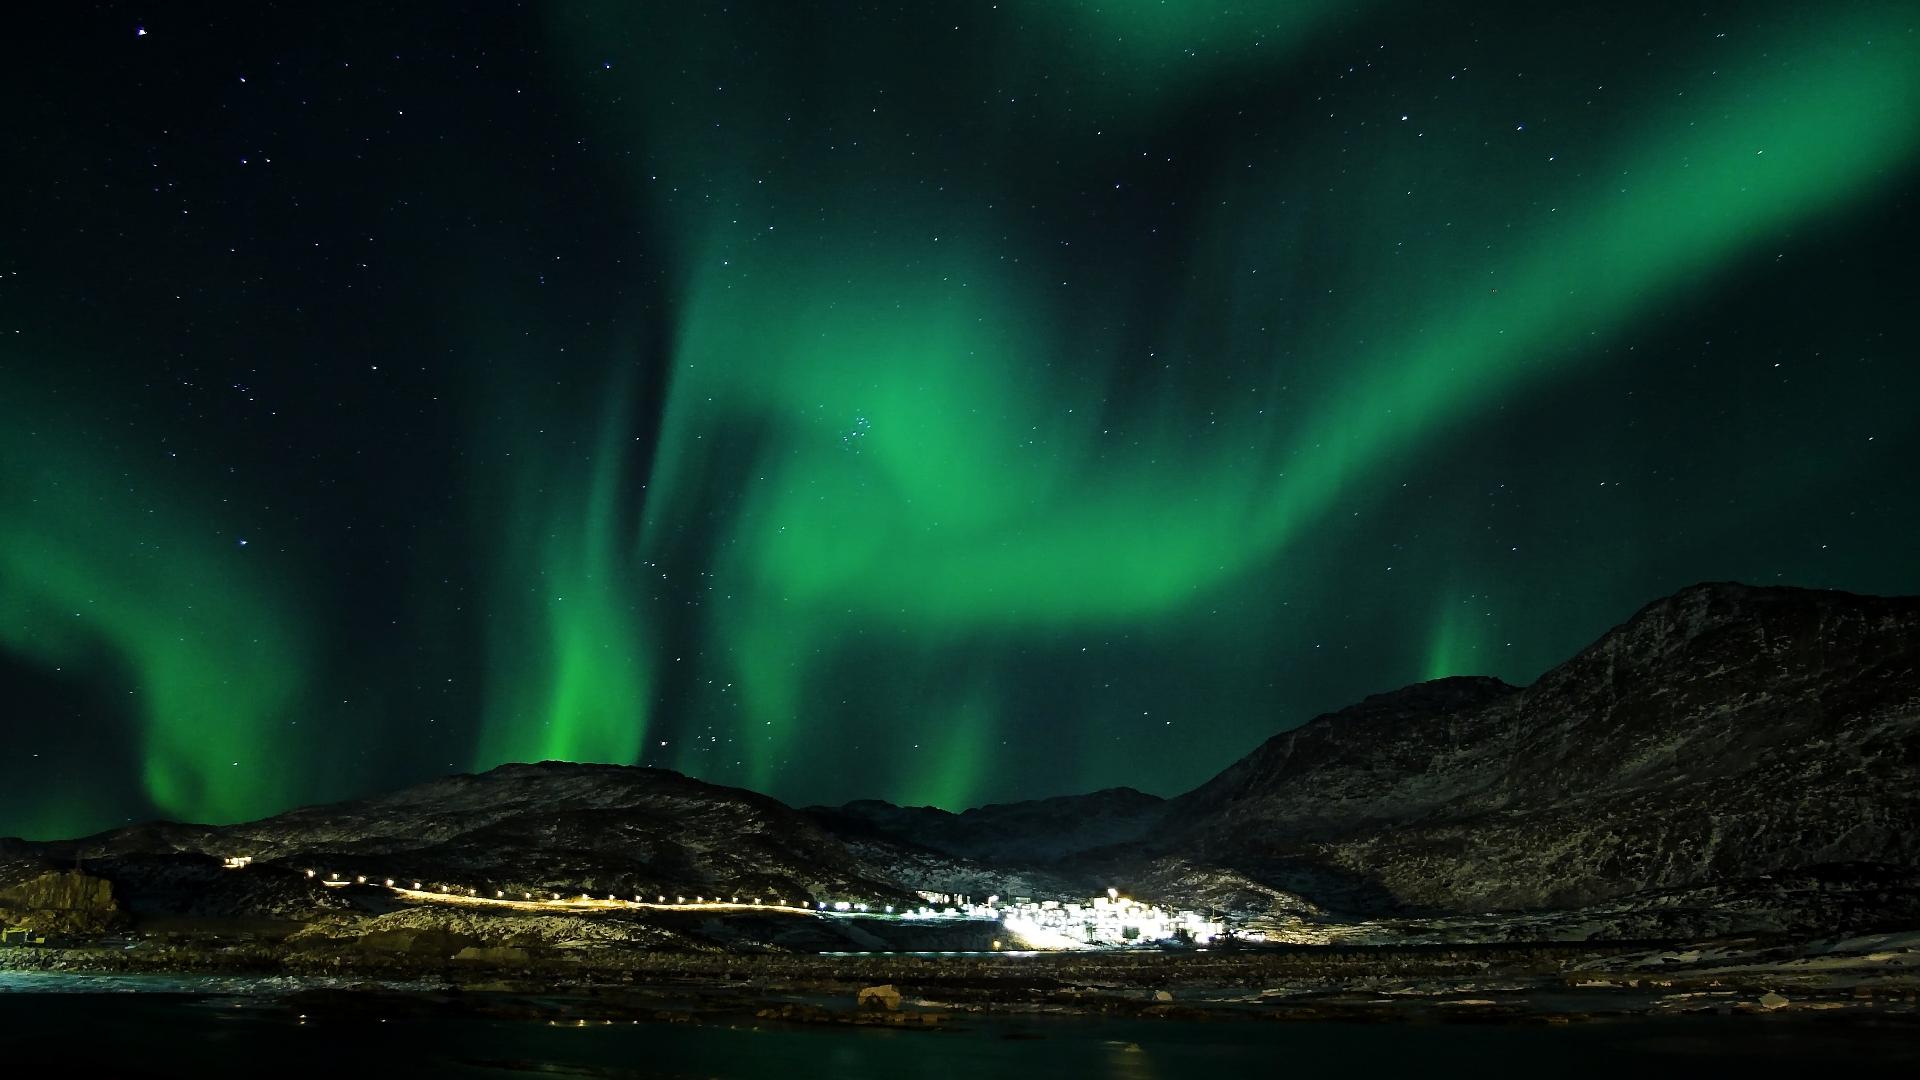 aurora borealis images